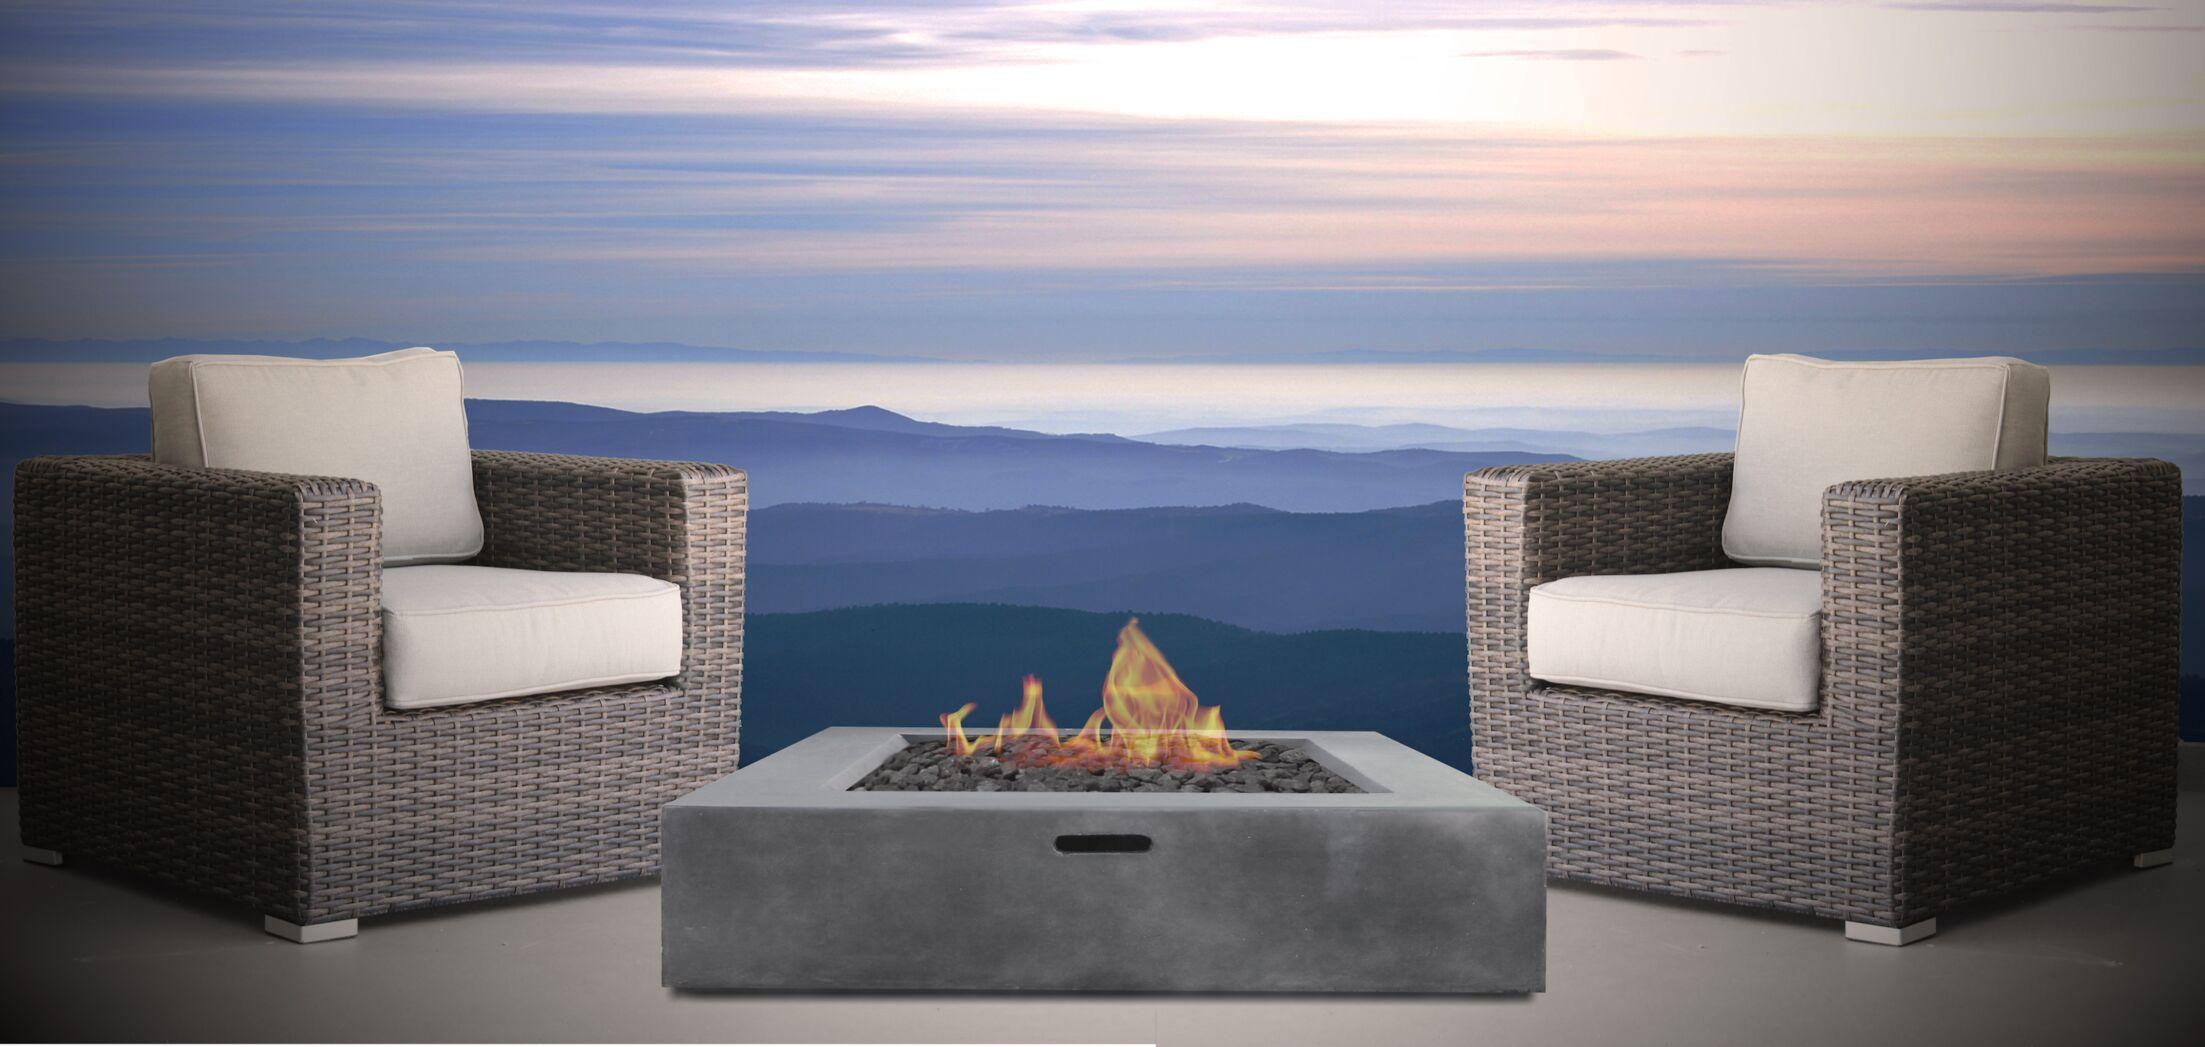 Defino Fire Pit 3 Piece Conversation Set Frame Color: Espresso, Fire Pit Size: 42